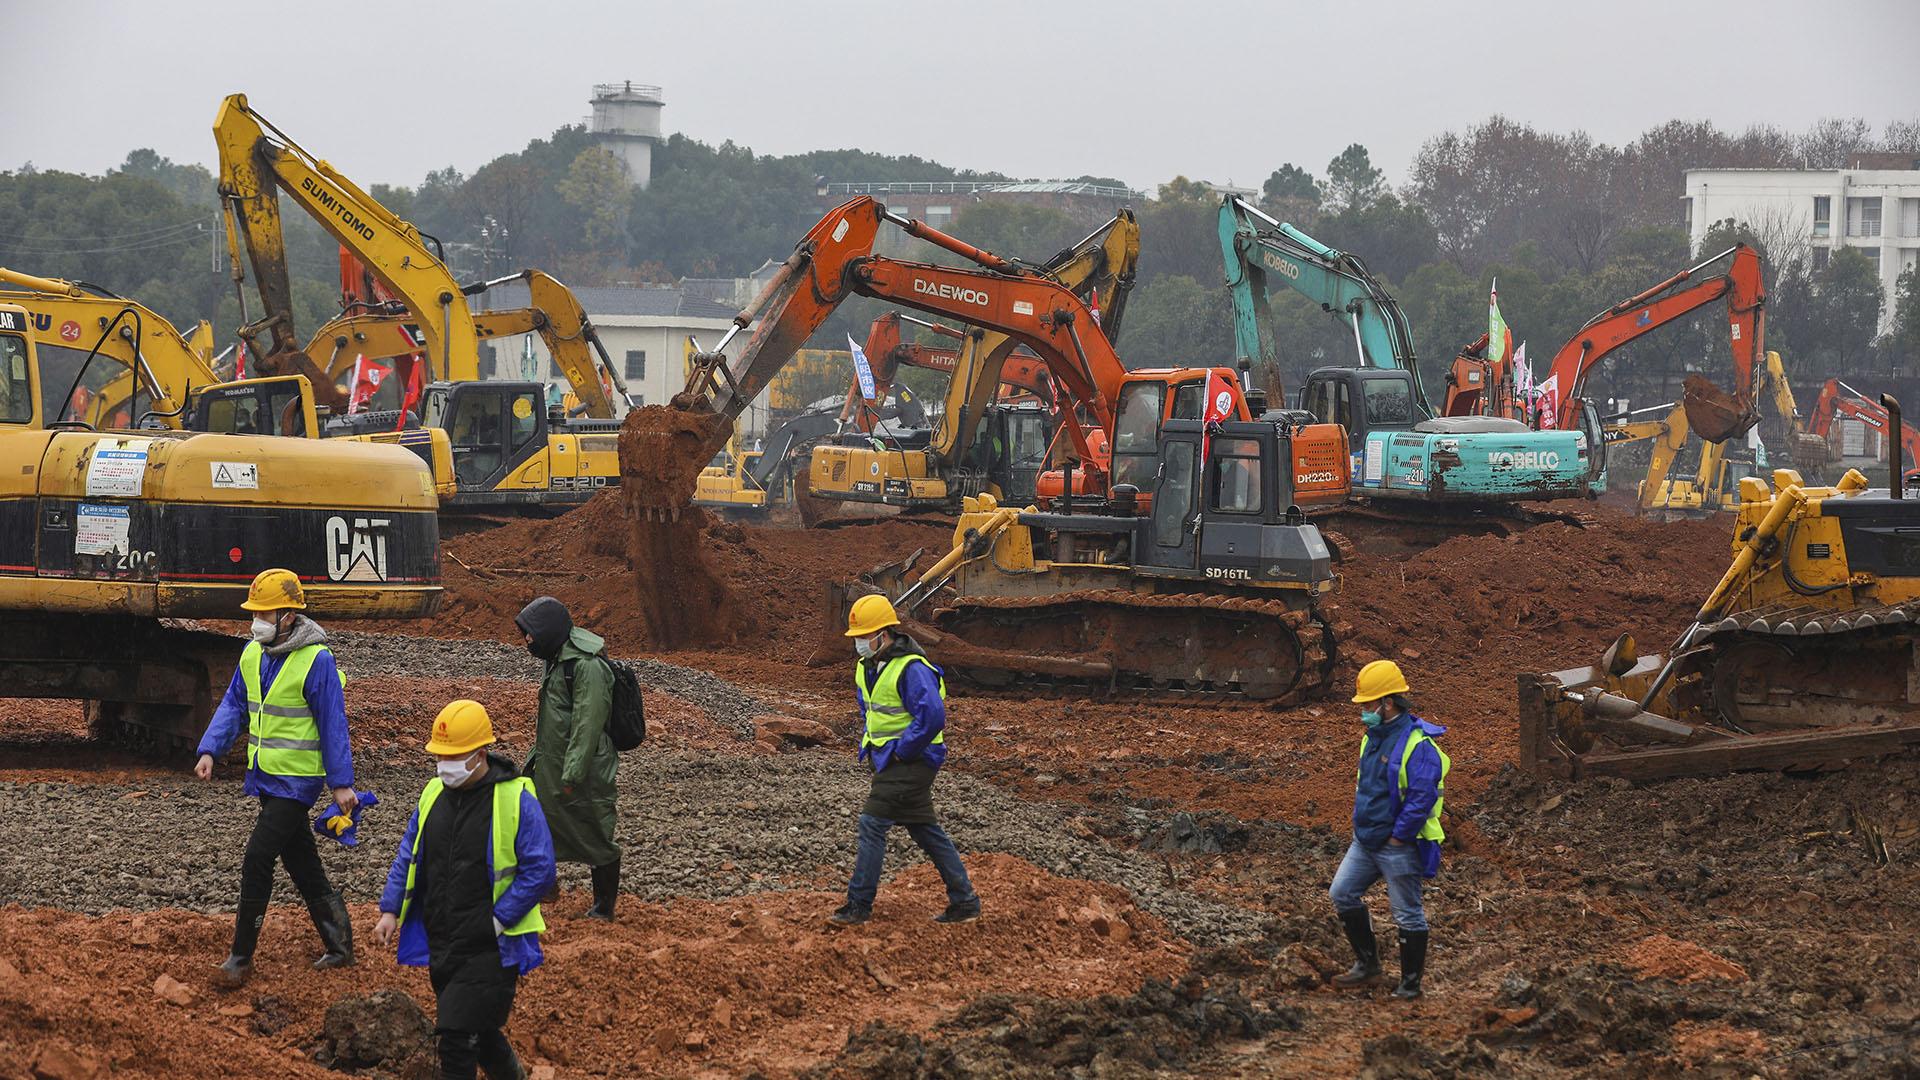 Los trabajadores pasan junto a equipos pesados en un sitio de construcción de un hospital de campaña en Wuhan, en la provincia central china de Hubei, el viernes 24 de enero de 2020. (Chinatopix a través de AP)